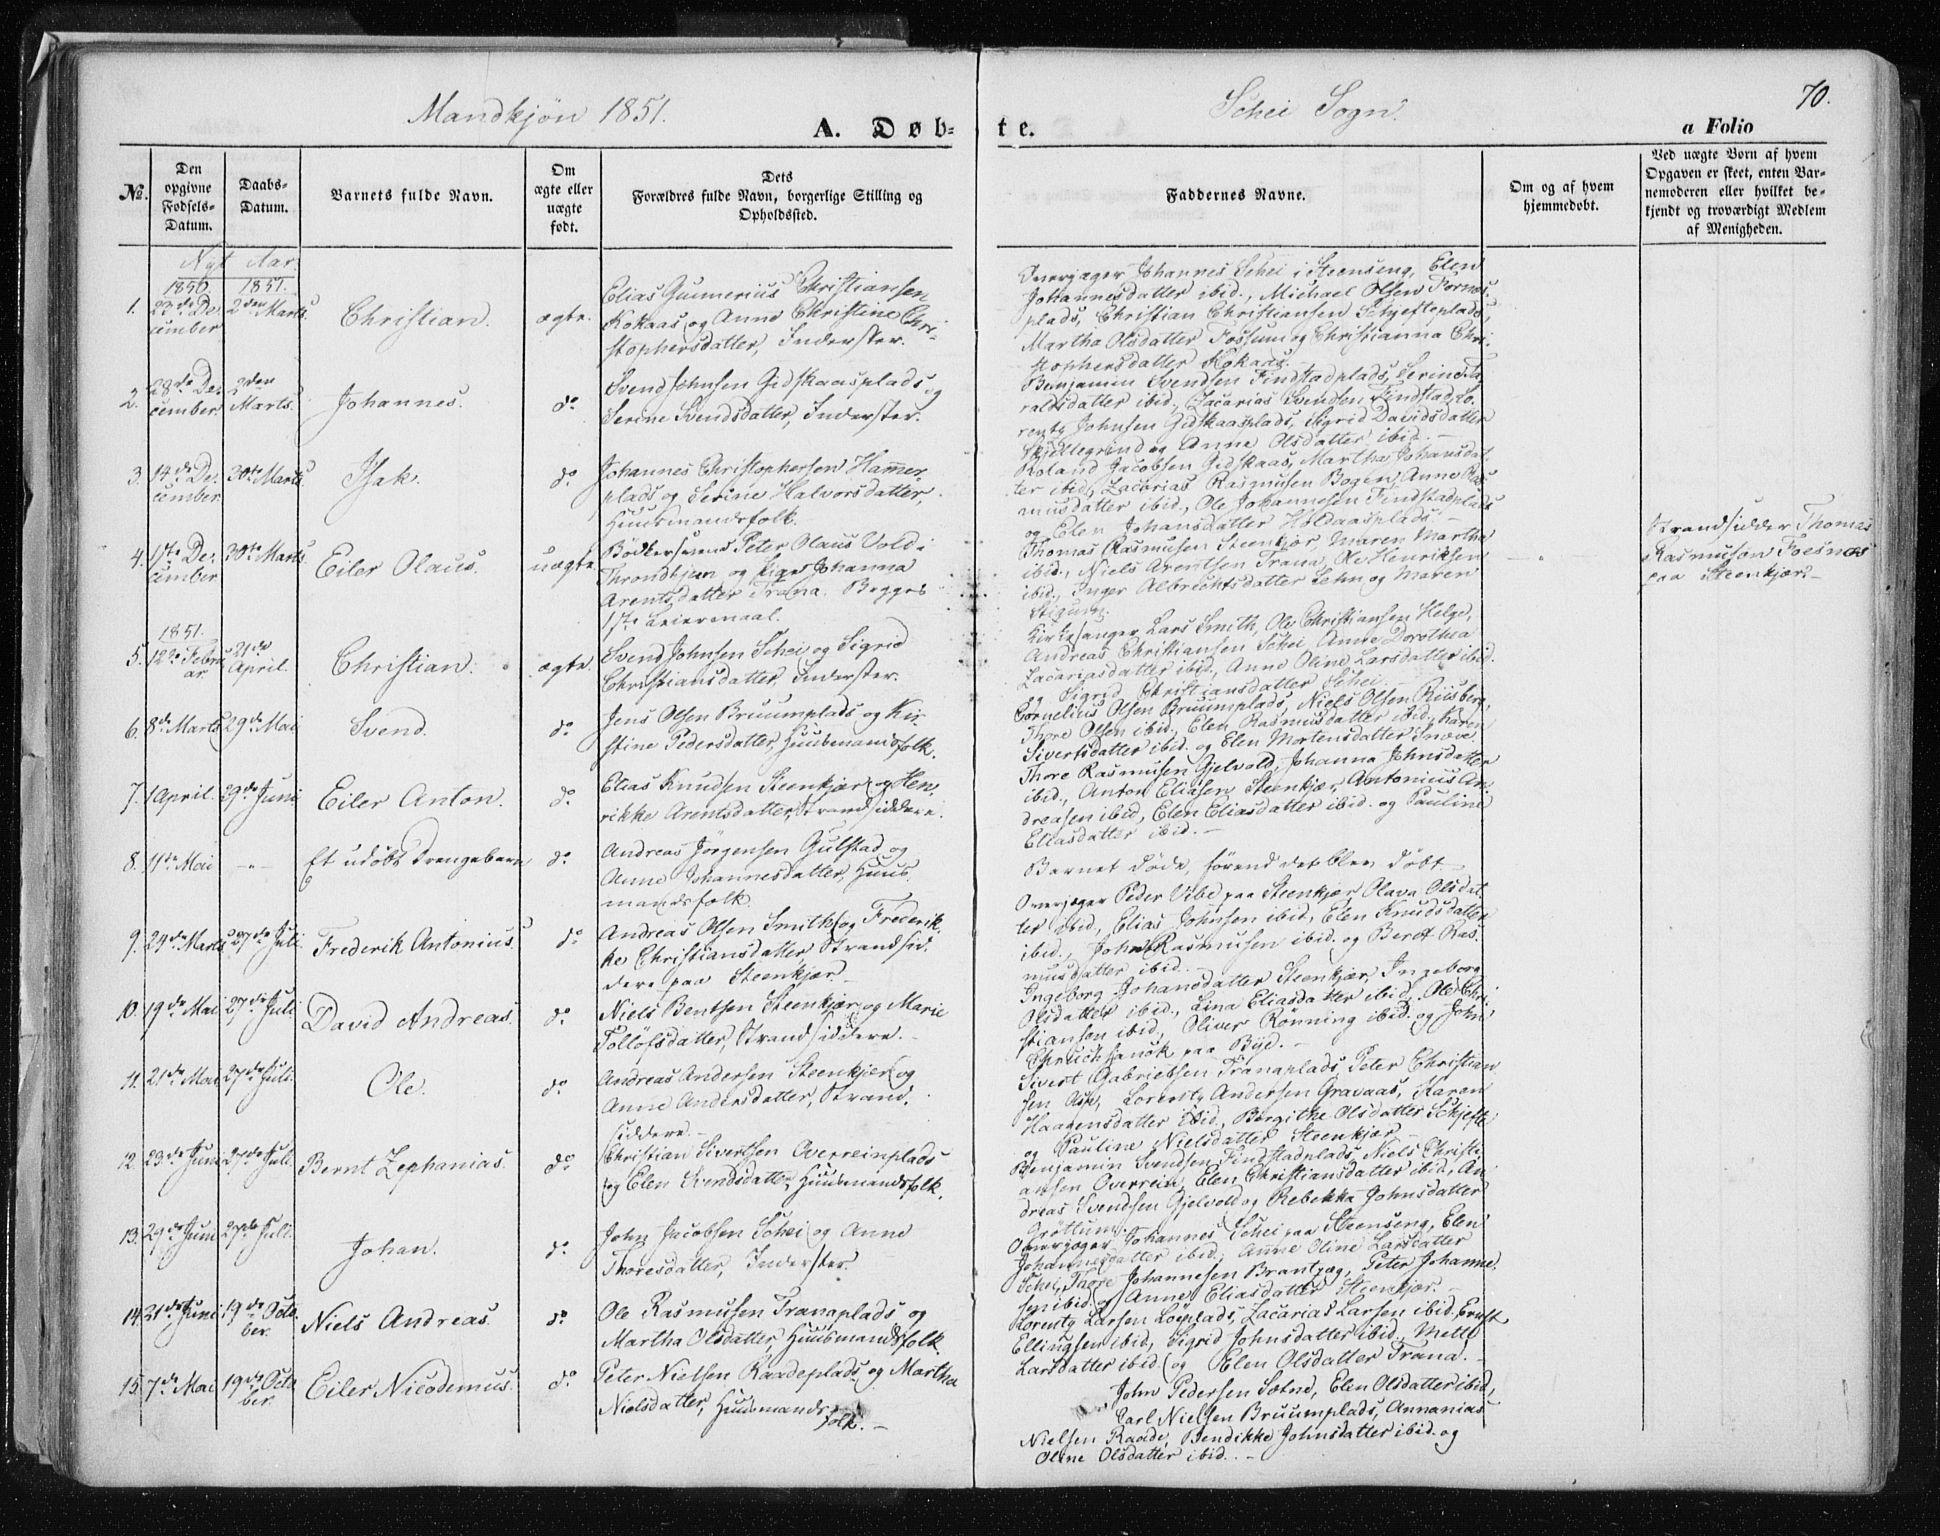 SAT, Ministerialprotokoller, klokkerbøker og fødselsregistre - Nord-Trøndelag, 735/L0342: Ministerialbok nr. 735A07 /2, 1849-1862, s. 70